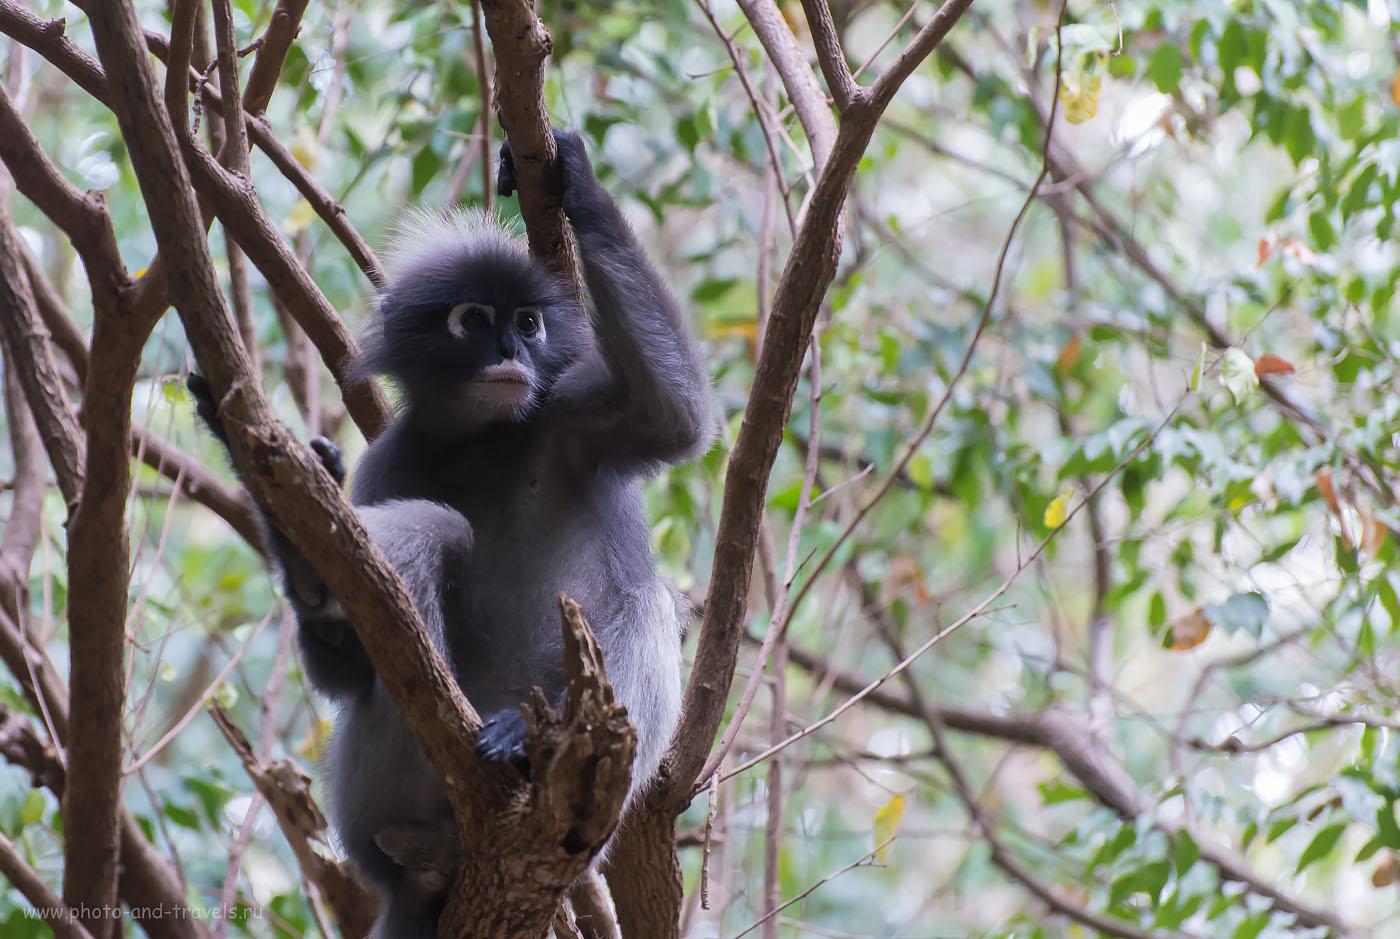 Снимок 19. Фотоохота на обезьян в джунглях Таиланда. По дороге к пещере Прайя Накхон (Phraya Nakhon cave) в национальном парке Кхао Сам Рой Йот. Снято на полнокадровую зеркалку Nikon D610 и телеобъектив Nikkor 70-300. Настройки камеры: (3200, 70, 5.0, 1/400)